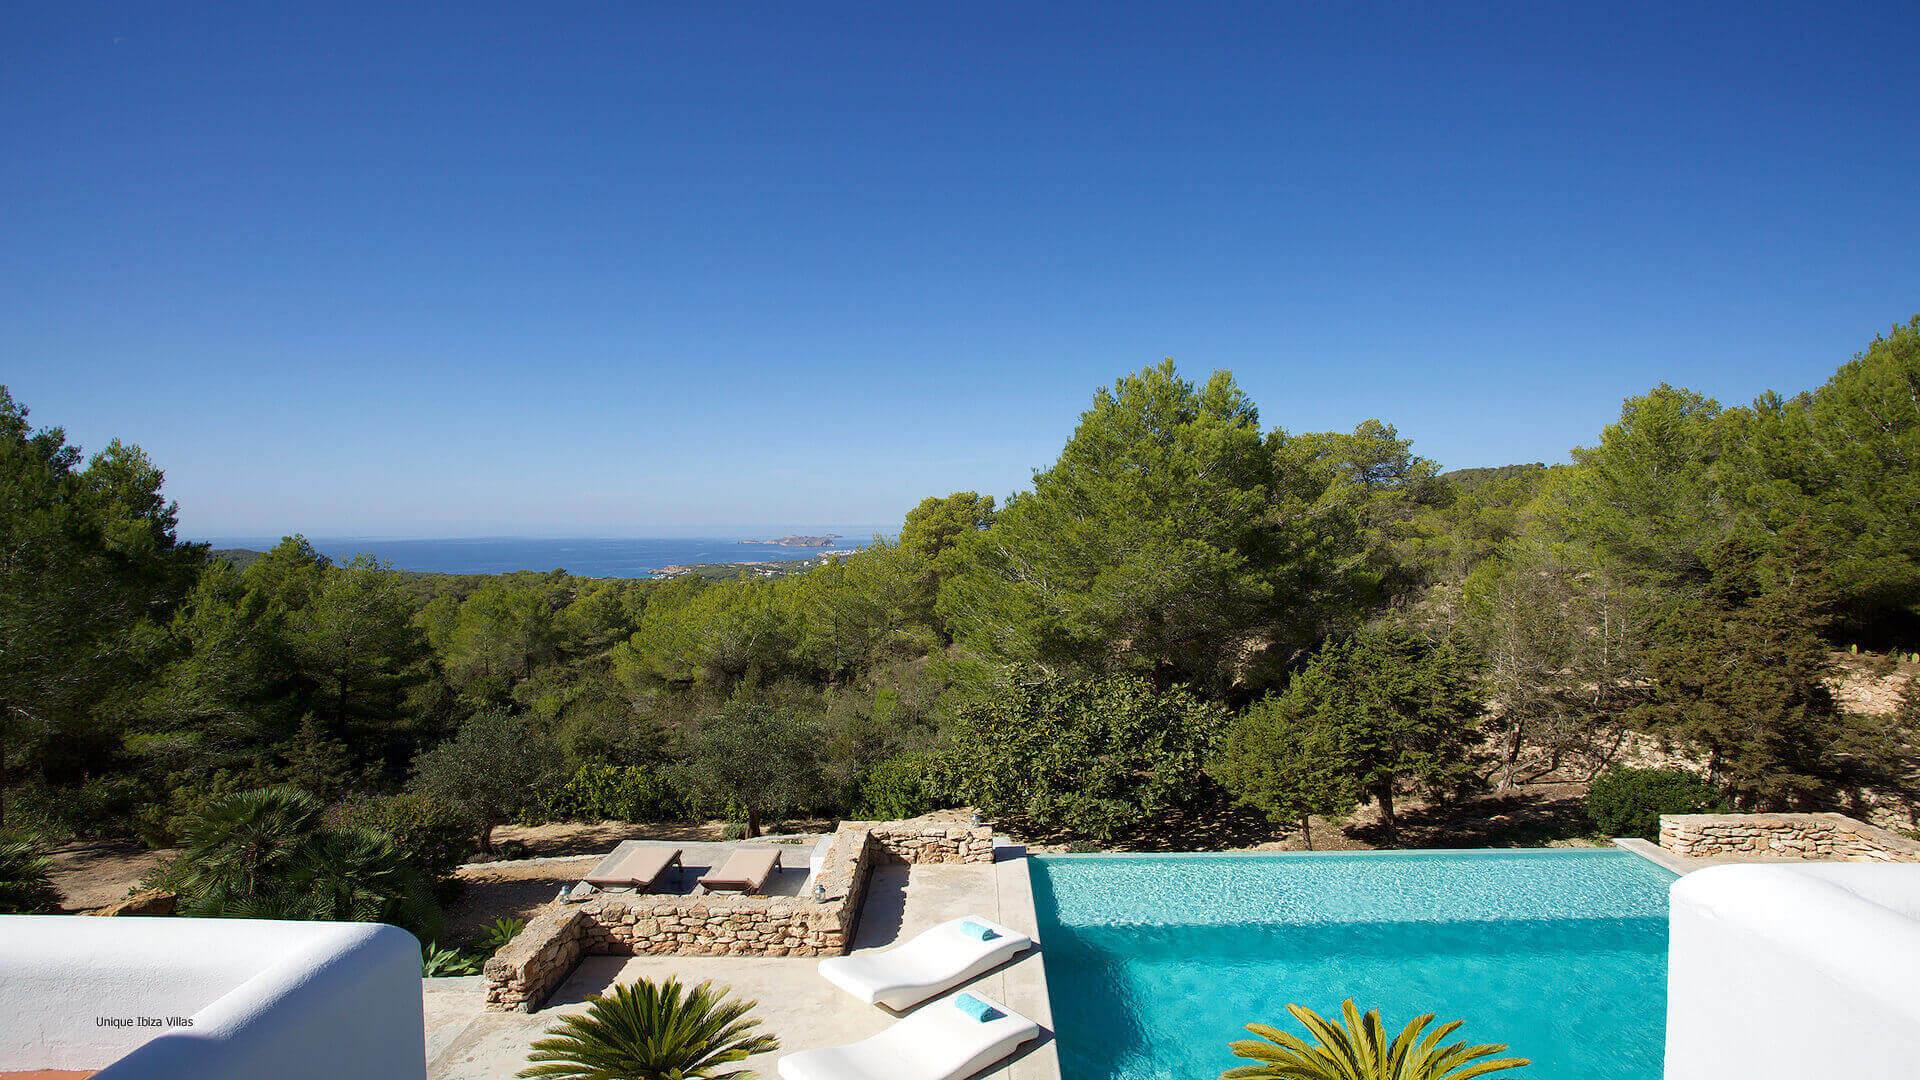 Villa Lua Ibiza 3 Cala Tarida